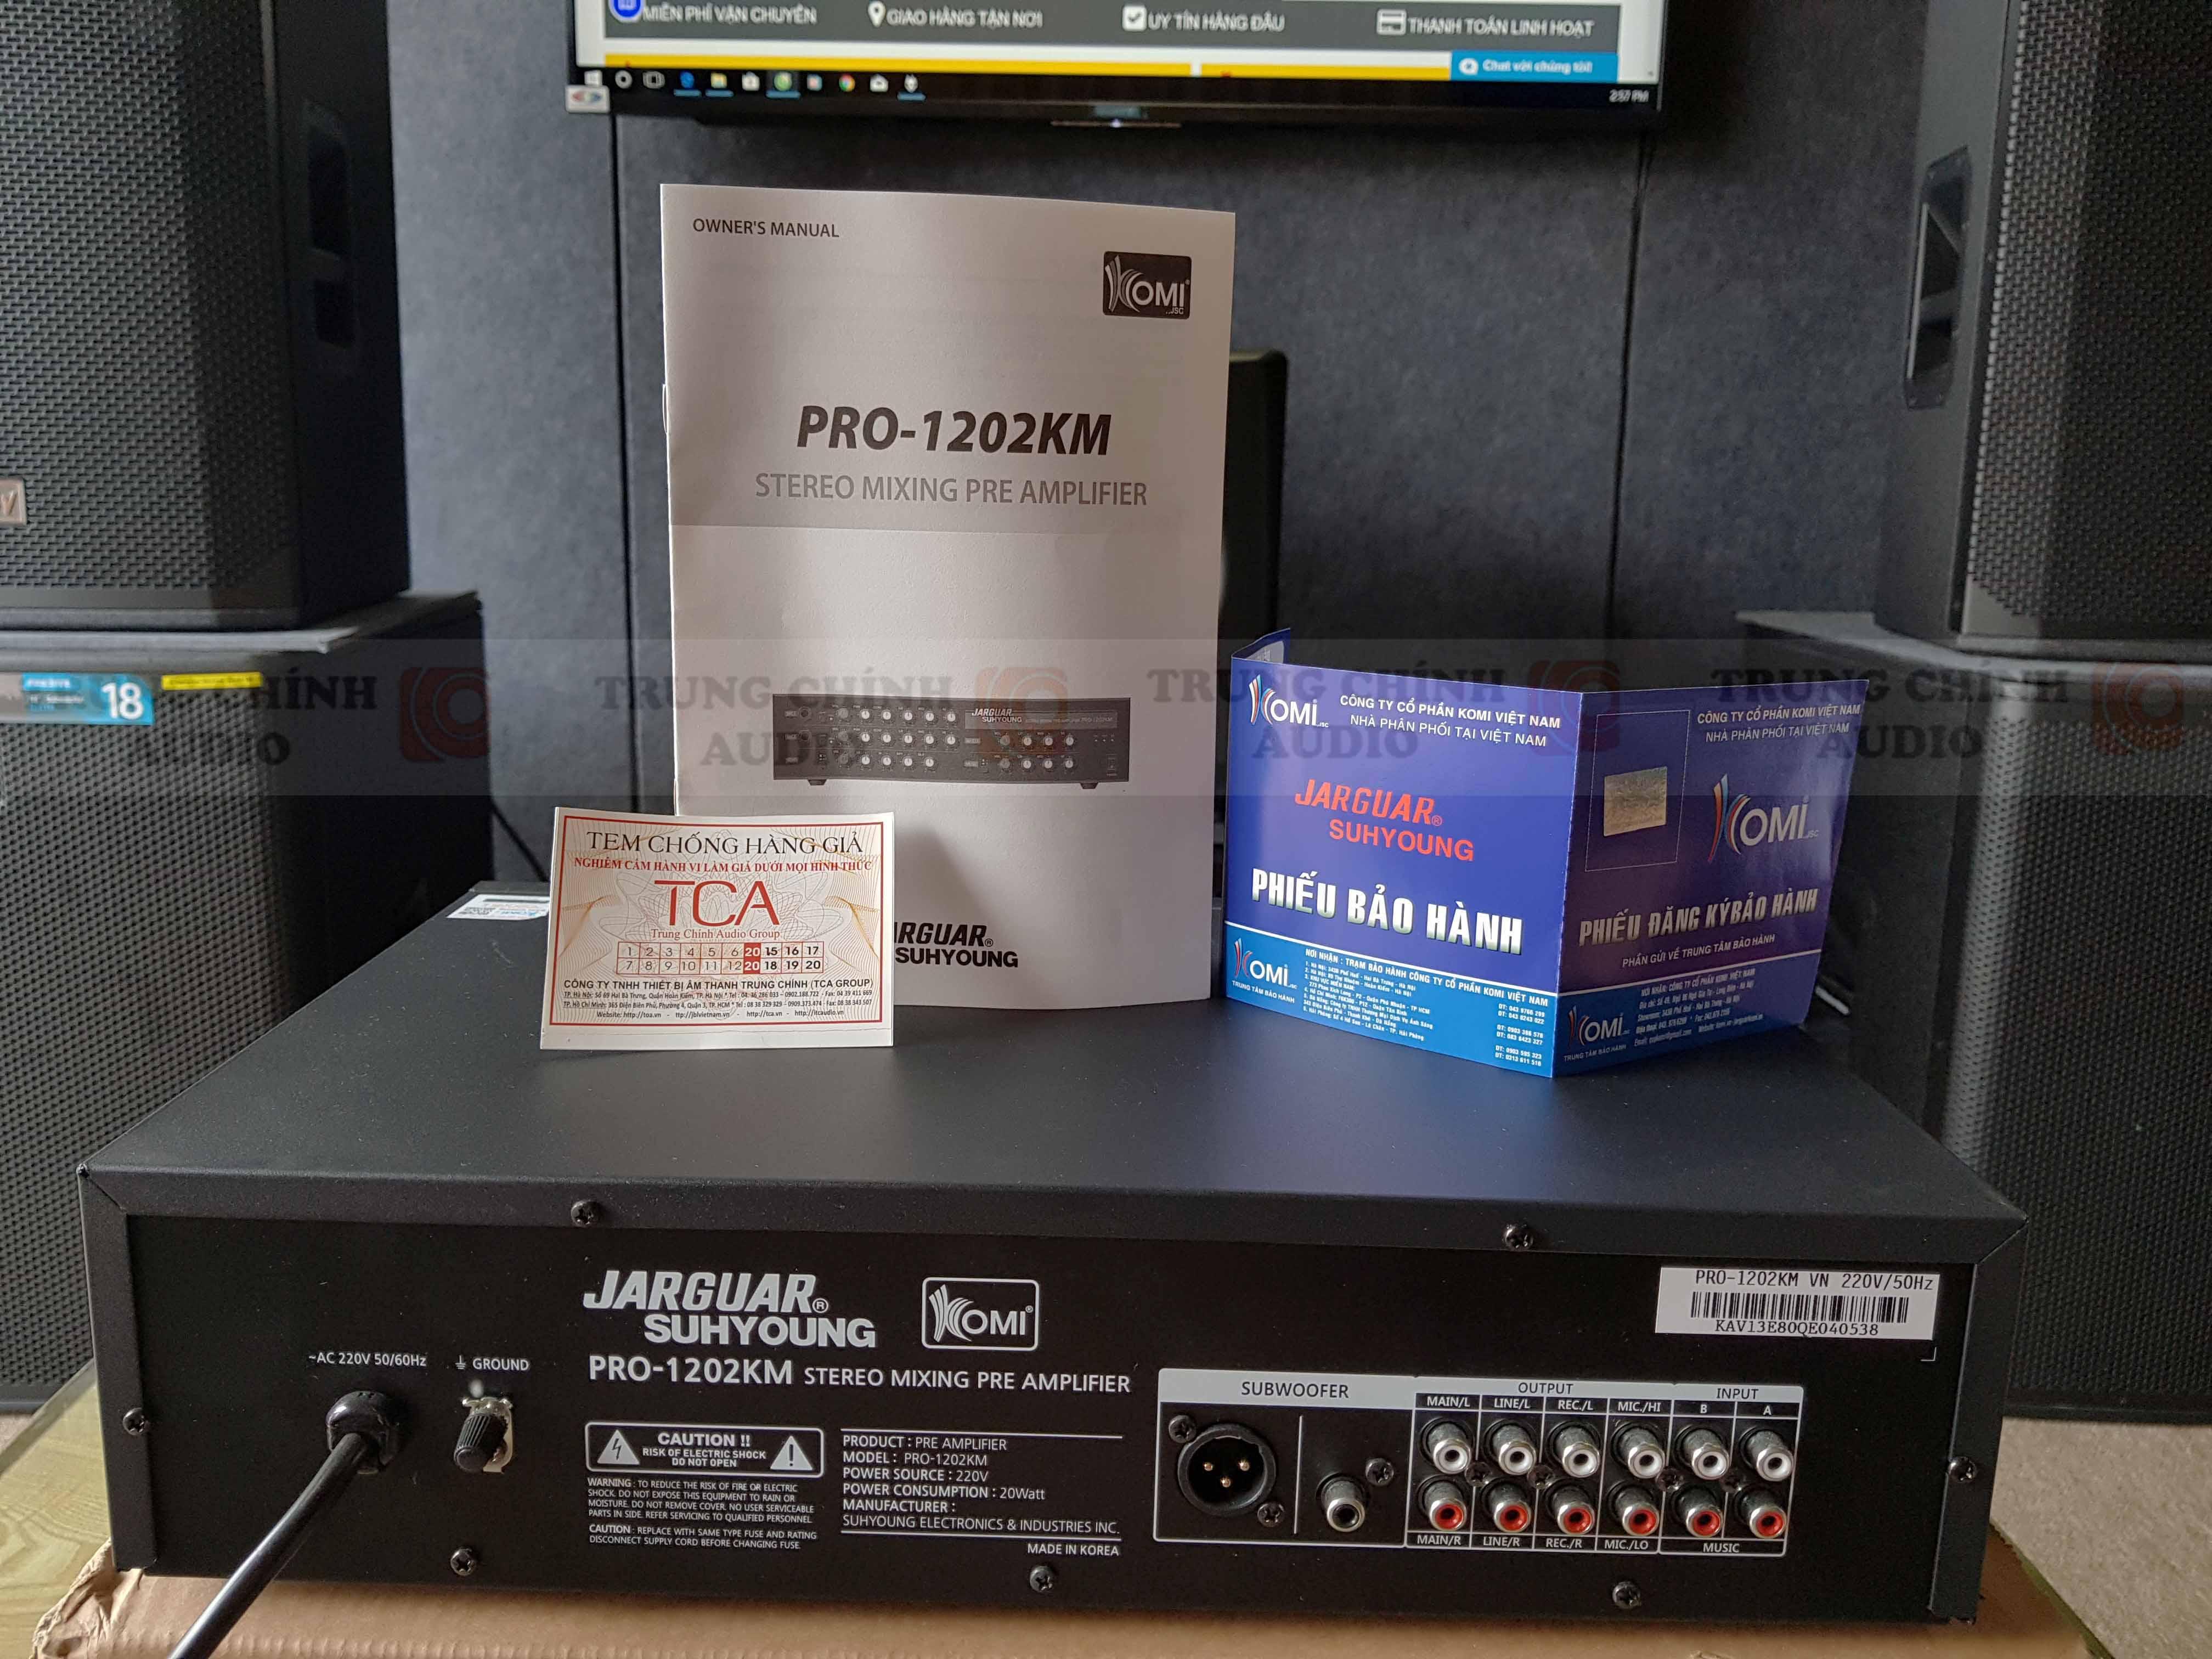 Jarguar Suhyoung PRO-1202KM giá rẻ nhất